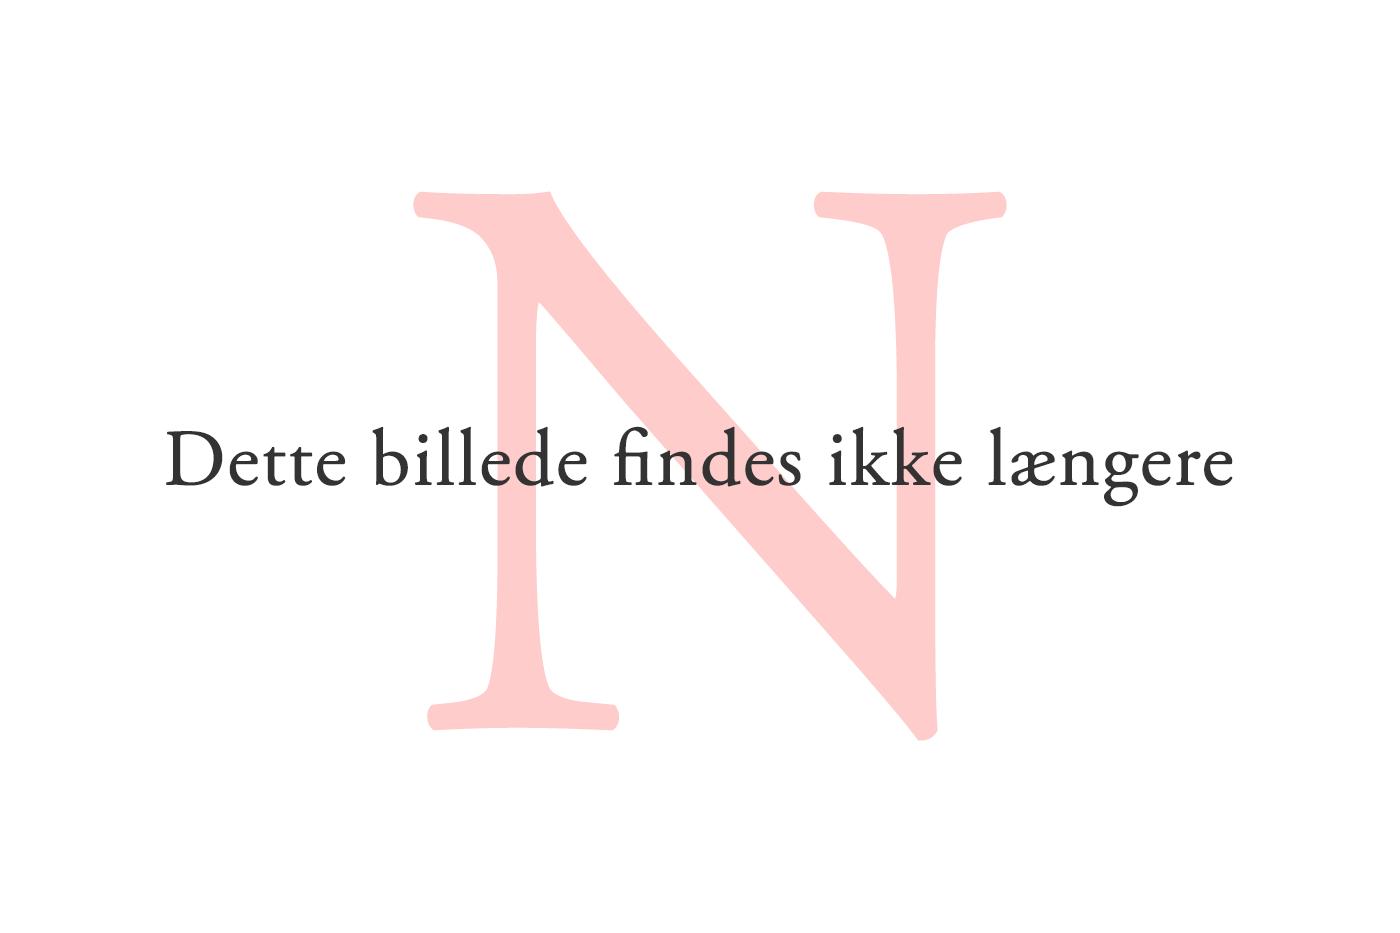 De københavnske biblioteker hitter i aftentimerne